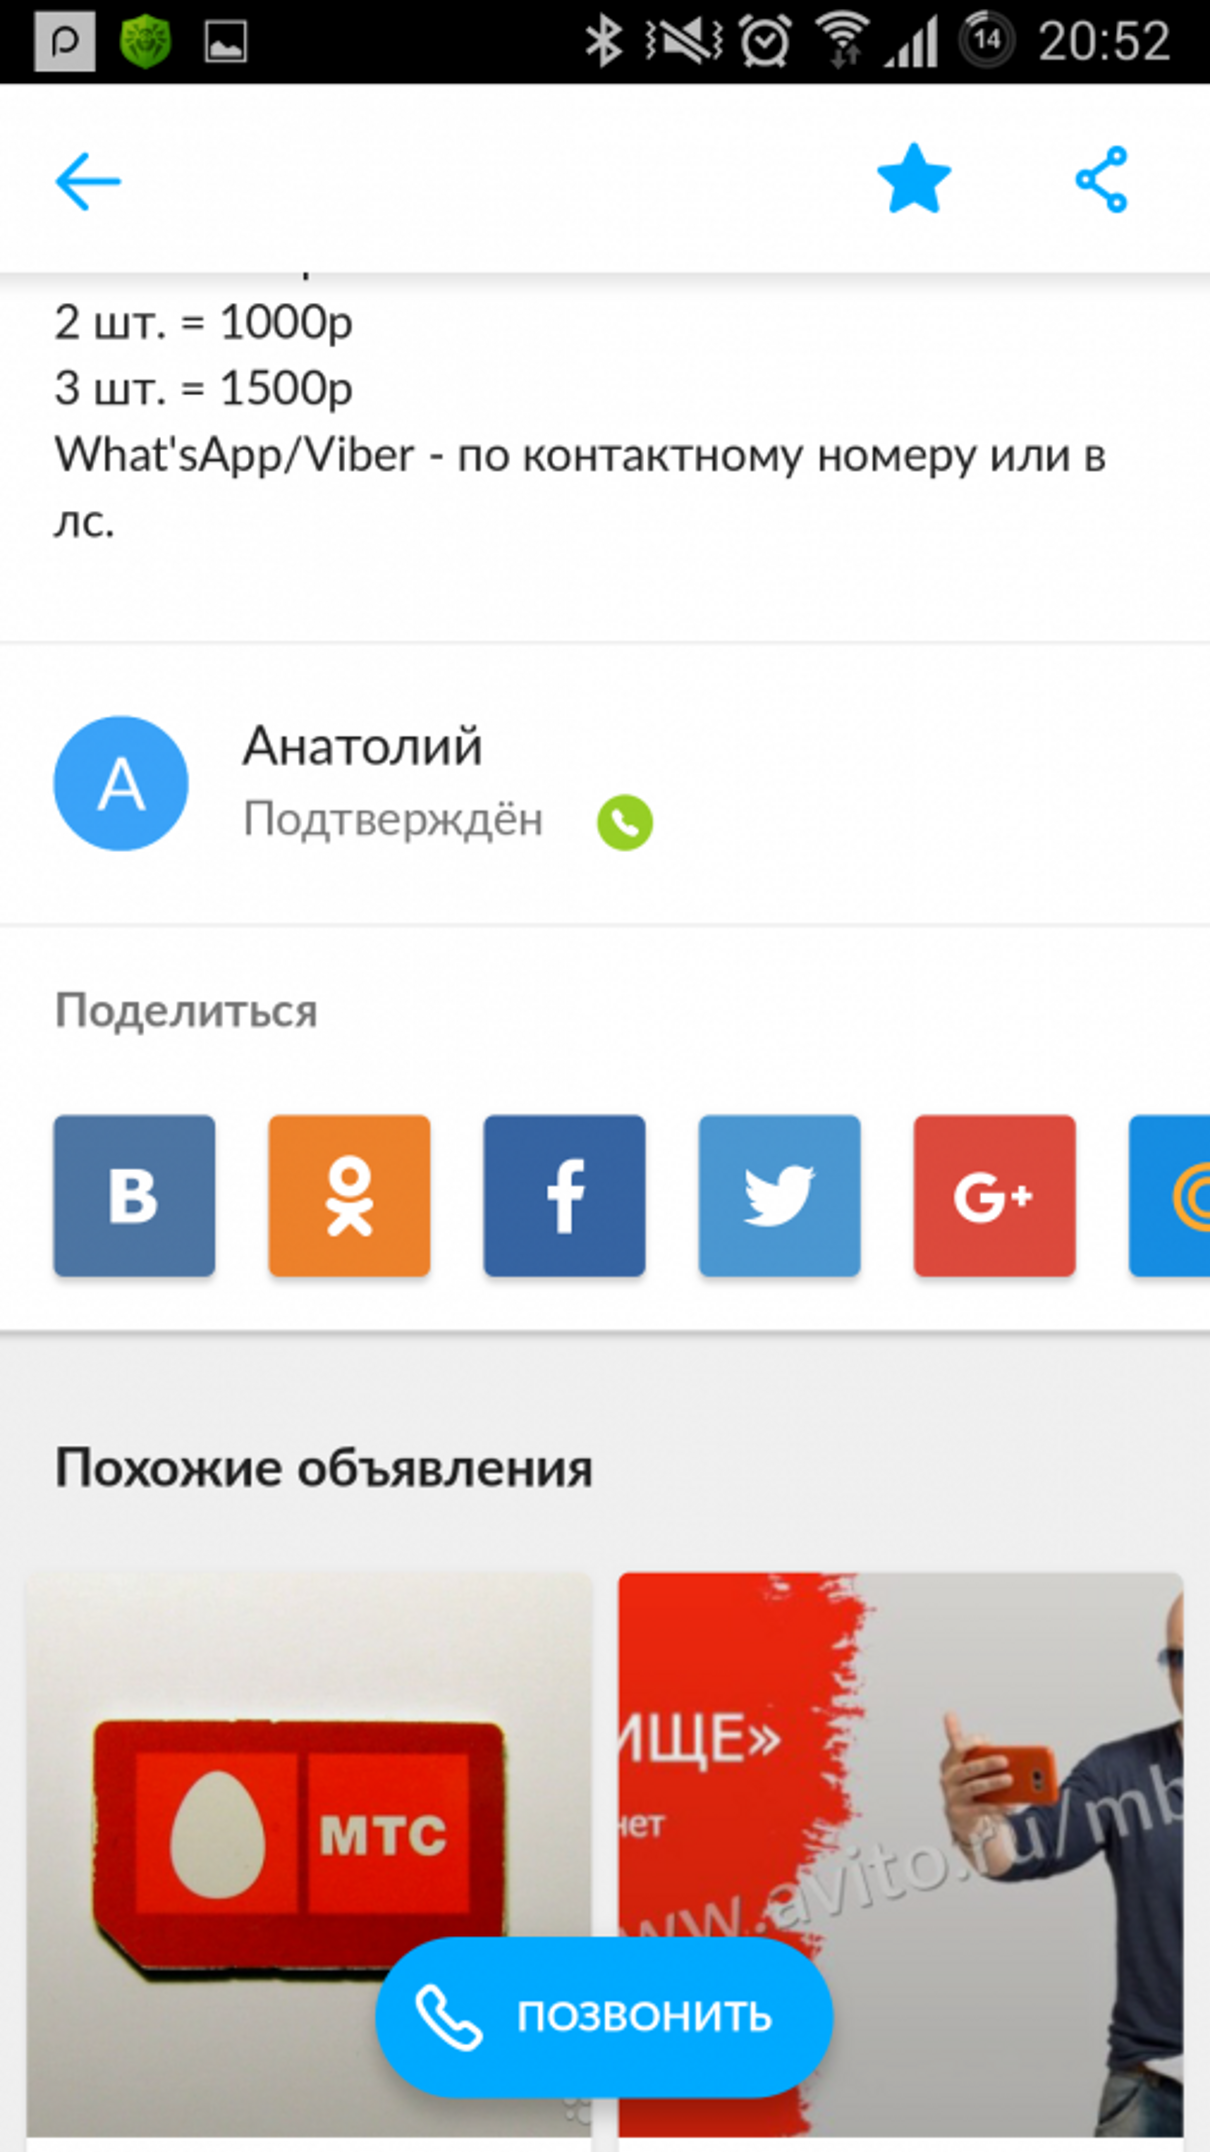 Жалоба-отзыв: Анатолий - Smart для своих от гнилого Анатолия.  Фото №3